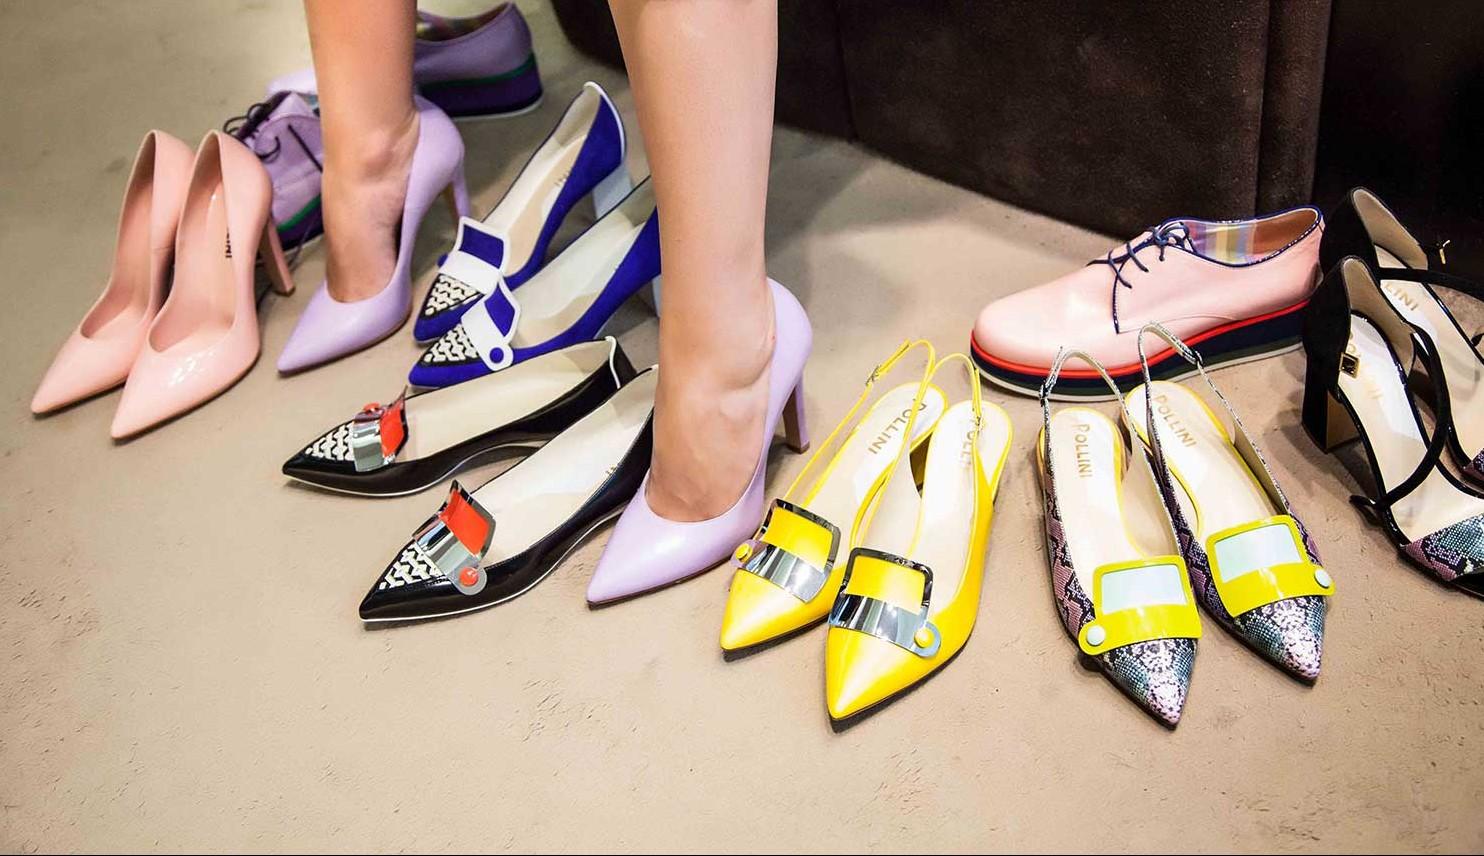 Выбор обуви  10 самых стильных сочетаний   Матроны.RU b49a3415120